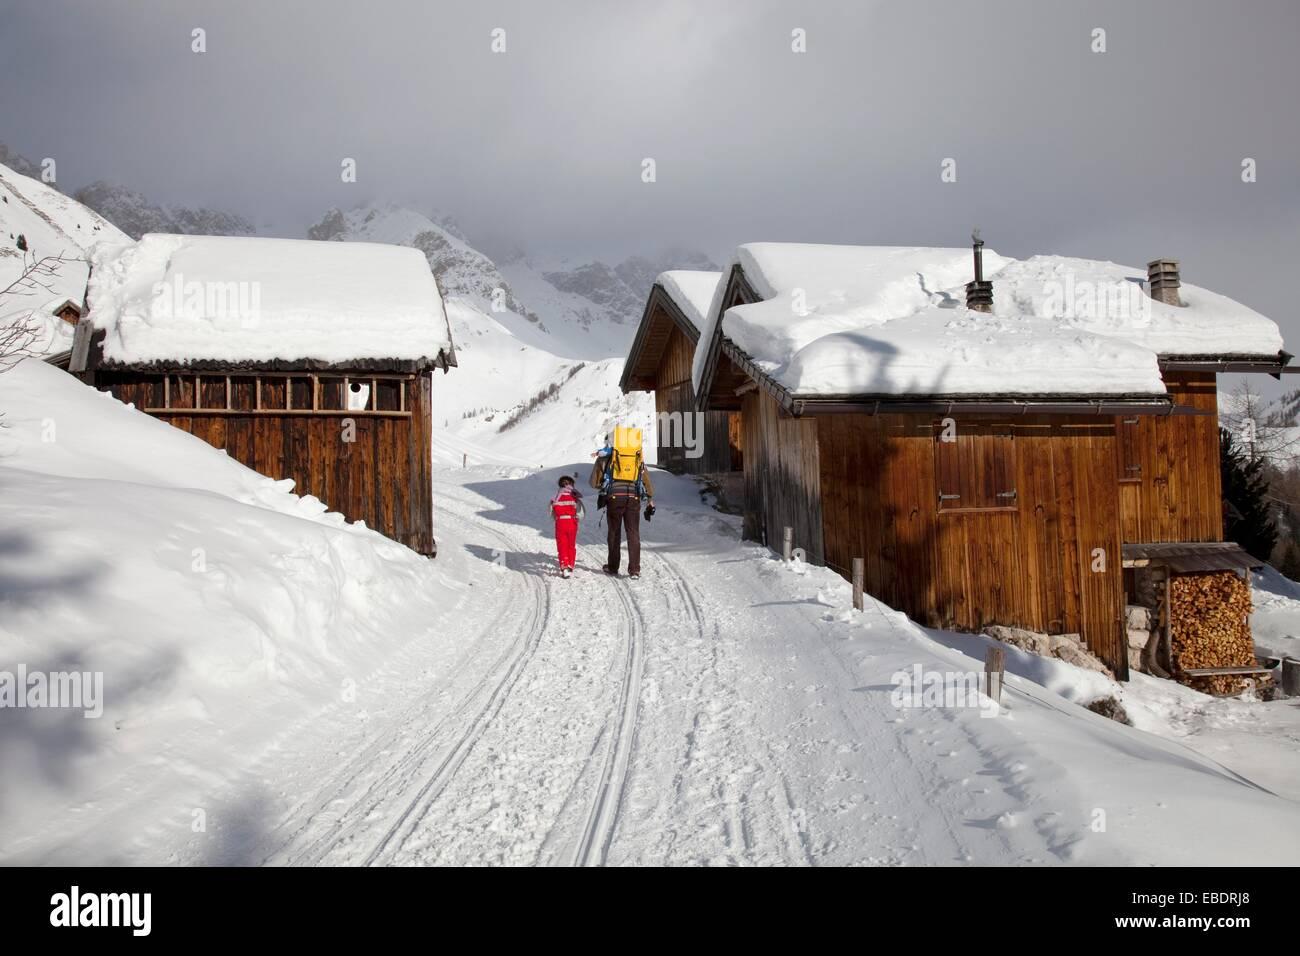 Snow trail alongside wooden barns, near Fuciade hut, San Pellegrino pass, Trentino Alto Adige, Italy, Europe Stock Photo